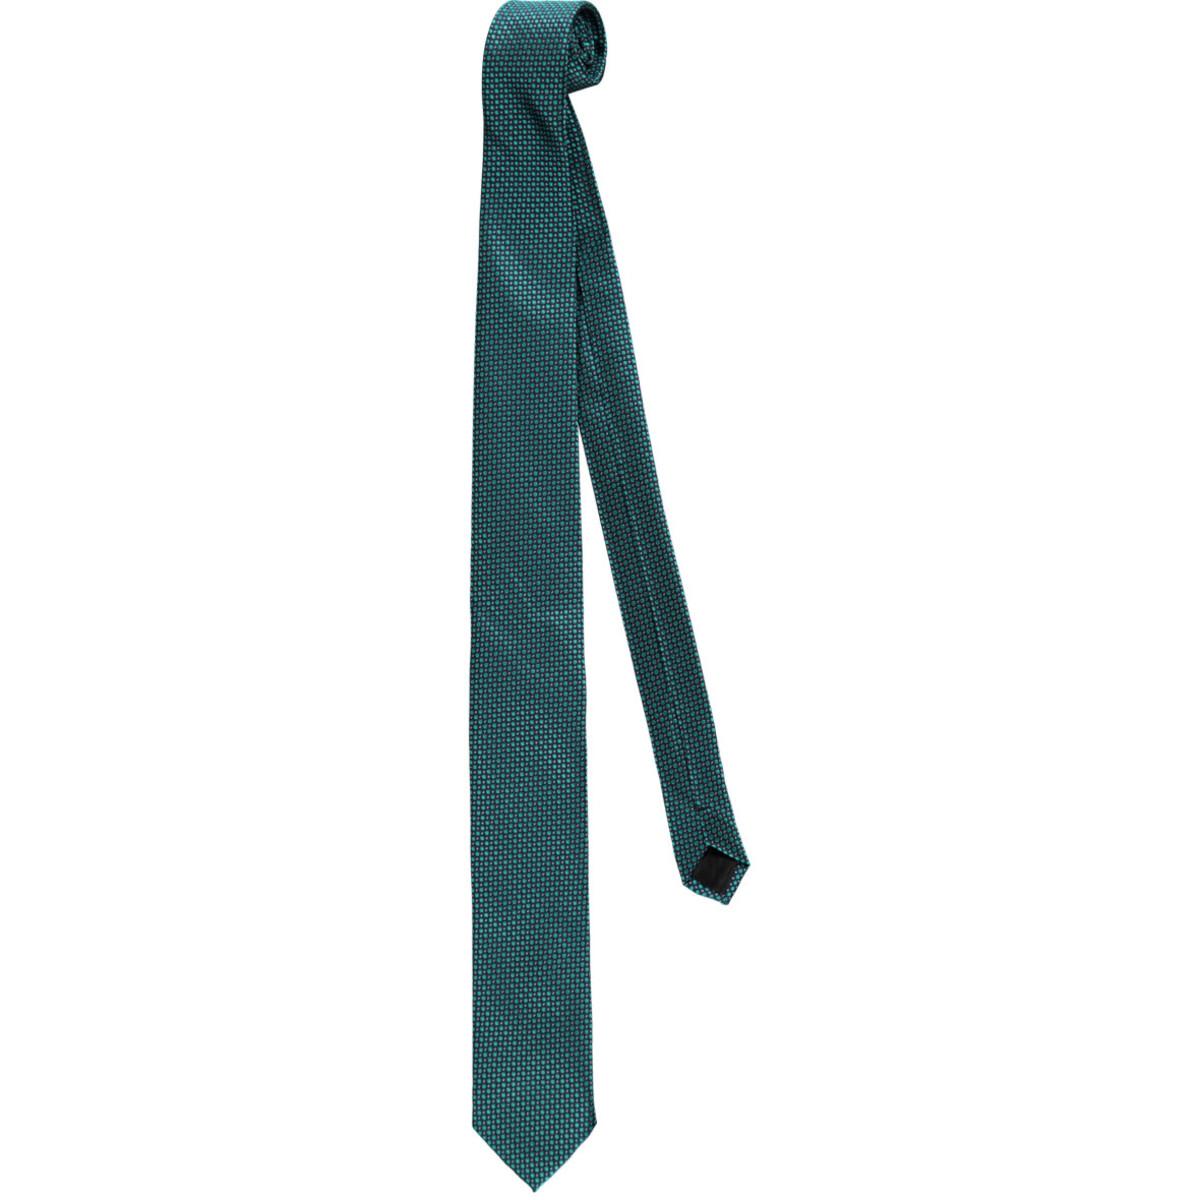 Bild 2 von Herren Krawatte